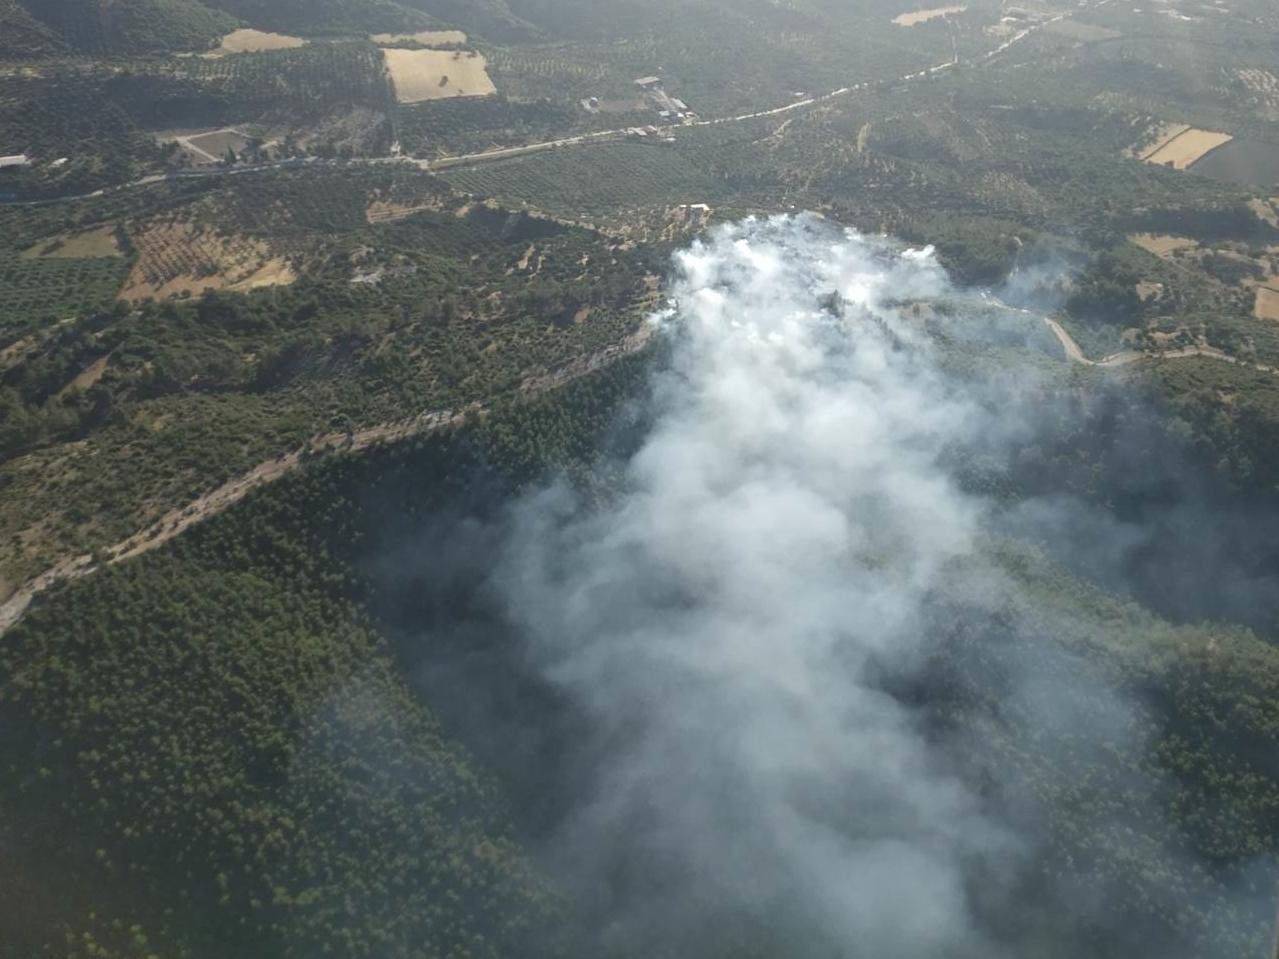 Muğla'nın Bodrum ilçesinde orman yangını çıktı